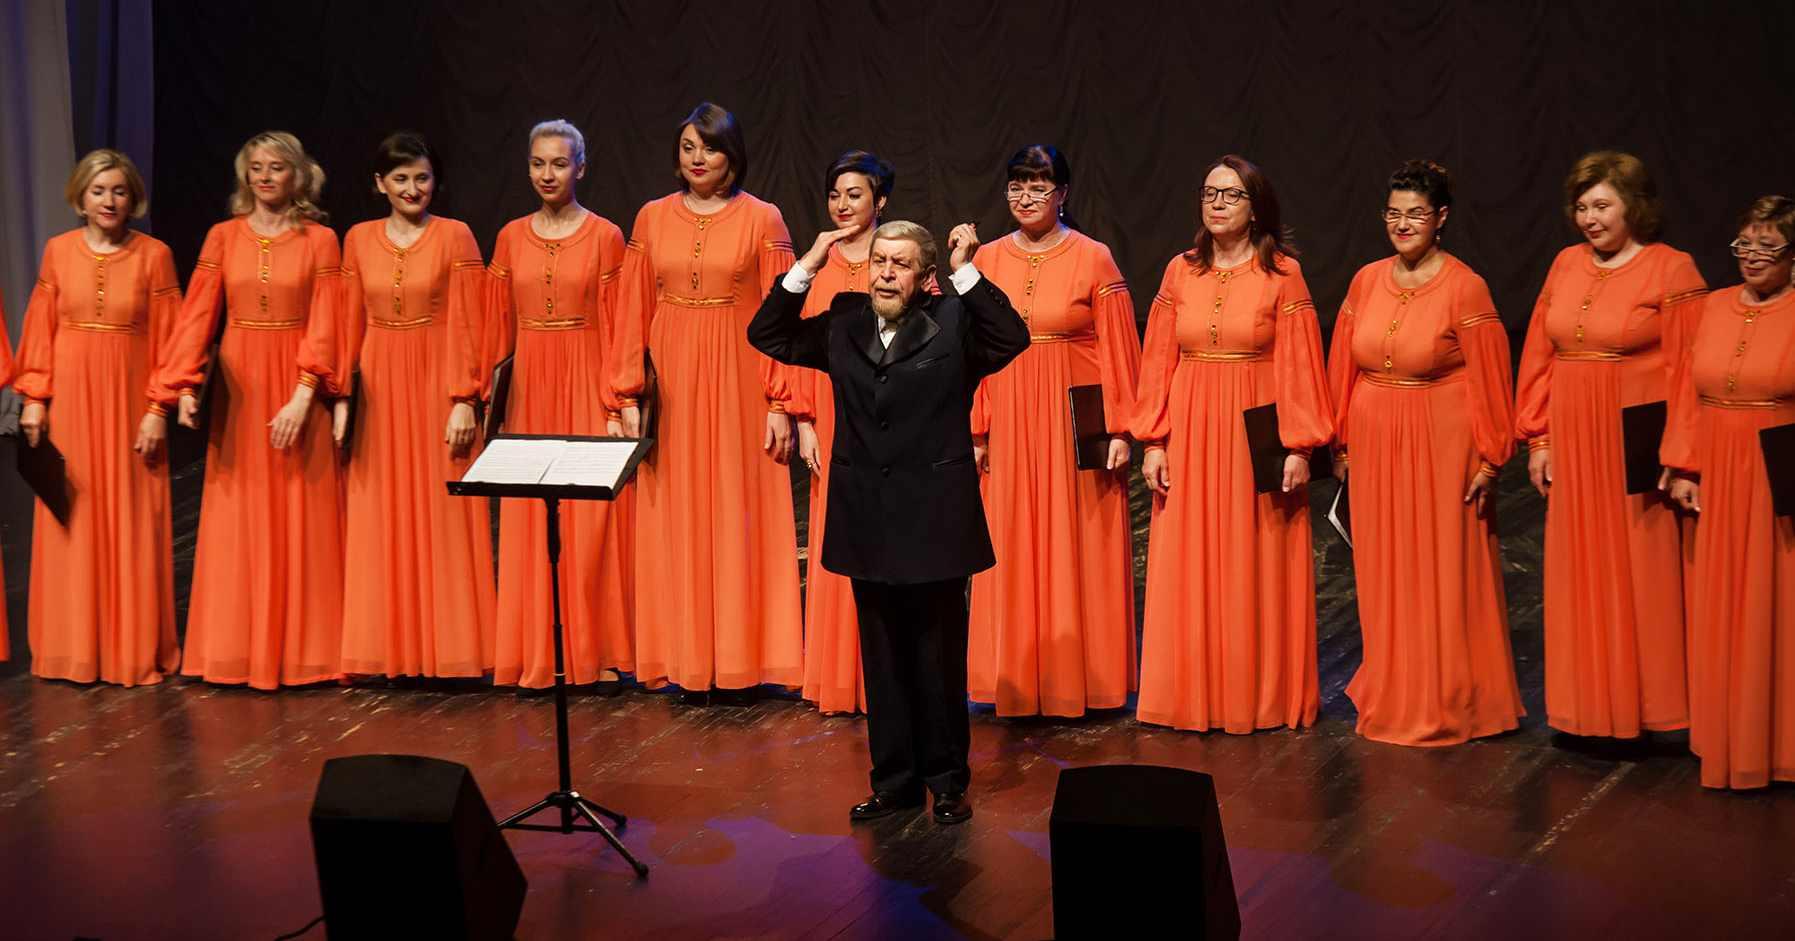 Сибирские хоры съедутся в Новосибирск, представят три концерта и совместную постановку «Пир & мир»